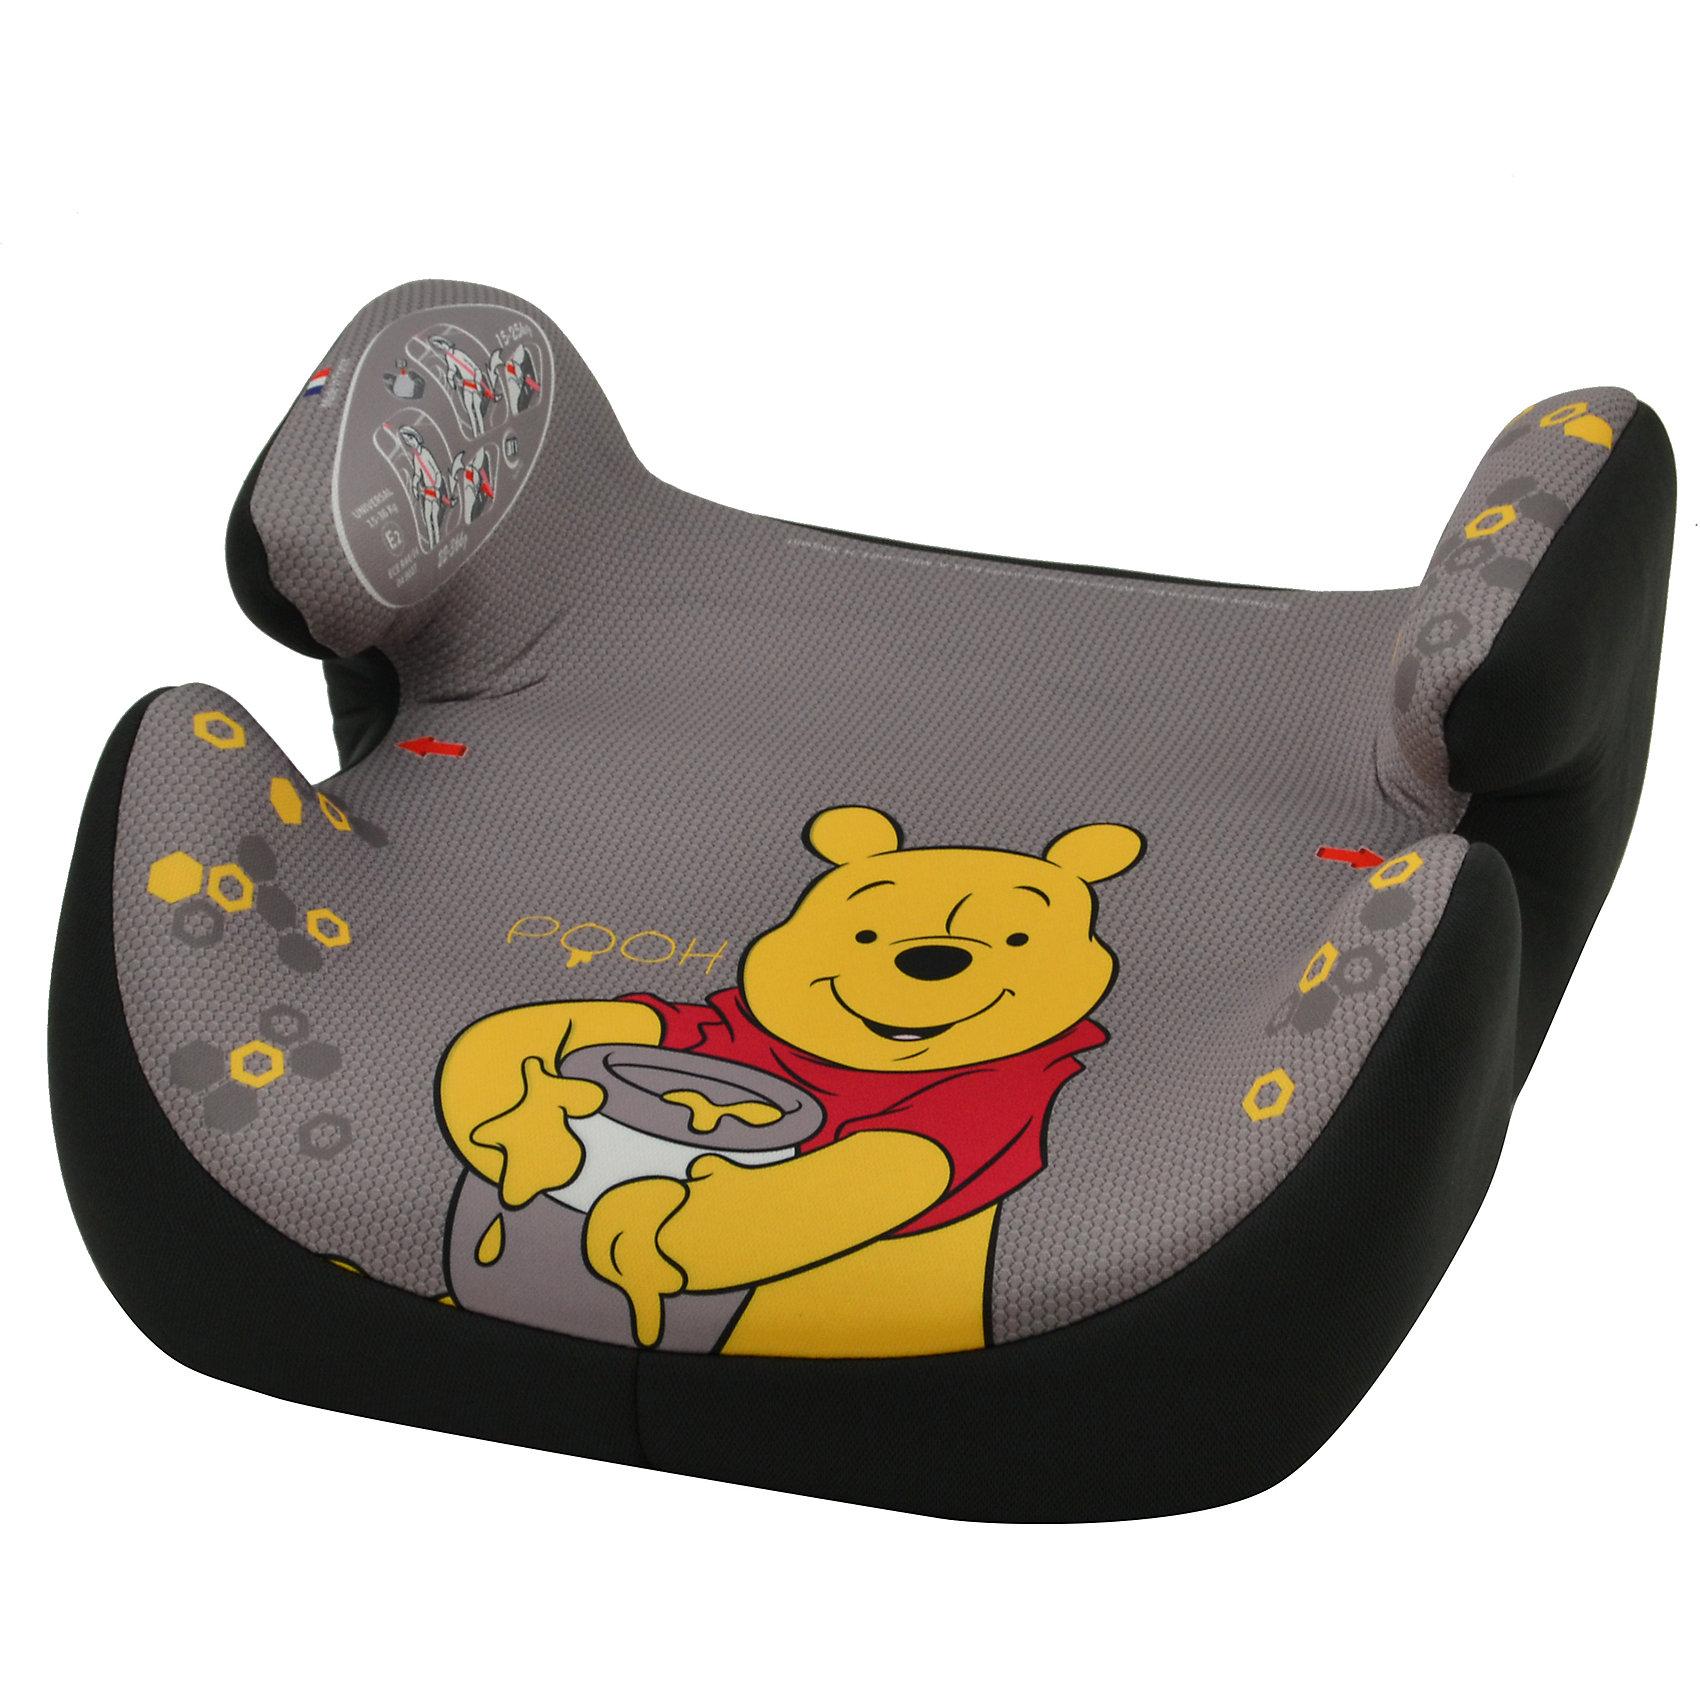 Автокресло-бустер Topo Comfort FST, 15-36 кг., Винни Пух, NaniaАвтокресло Topo Comfort FST, 15-36 кг., Nania (Наниа) представляет собой бустер, специально предназначенный для безопасной перевозки Вашего ребенка. Компактный и стильный он прослужит Вам долгое время, так как очень практичен. В автомобиле он устанавливается только по ходу движения. Снабжен удобными подлокотниками и мягким, большим посадочным местом. У него съемный чехол, который можно стирать. В таком кресле Ваш ребенок будет чувствовать себя очень уютно и безопасно. Кресло имеет мягкое покрытие, а удобные подлокотники обеспечивают ребенку комфорт во время путешествия. <br>Ребенок в кресле надежно фиксируется штатными автомобильными ремнями безопасности. Маленьких пассажиров порадует дизайн кресла в стиле мультфильма Винни Пух. <br><br>Дополнительная информация:<br><br>- Группа: 2/3 (15-36) кг, примерно от 3 до 12 лет;<br>- Имеет европейский сертификат безопасности по строжайшим нормам ЕСЕ R44/03; <br>- Обеспечивает правильную посадку малыша и надлежащее расположение ремней безопасности;<br>- Корпус кресла выполнен из ударопрочного пластика;<br>- Оснащено удобными подлокотниками;<br>- Мягкое покрытие сиденья обеспечивает ребенку комфорт и уют во время поездок в автомобиле;<br>- Съемный чехол изготовлен из практичной техно-ткани и при необходимости легко чистится;<br>- Благодаря компактным размерам кресло легко помещается в багажнике и не занимает много места при хранении;<br>- Съемный чехол (возможна ручная стирка при температуре 30°);<br>- Уникальный дизайн в стиле мультфильма про Винни Пуха;<br>- Цвет: бежевый/коричневый;<br>- Вес: 1,9 кг.<br><br>Автокресло Topo Comfort FST, 15-36 кг., Винни Пух, Nania (Наниа) можно купить  в нашем интернет-магазине.<br><br>Ширина мм: 430<br>Глубина мм: 430<br>Высота мм: 260<br>Вес г: 1900<br>Возраст от месяцев: 36<br>Возраст до месяцев: 144<br>Пол: Унисекс<br>Возраст: Детский<br>SKU: 3717846